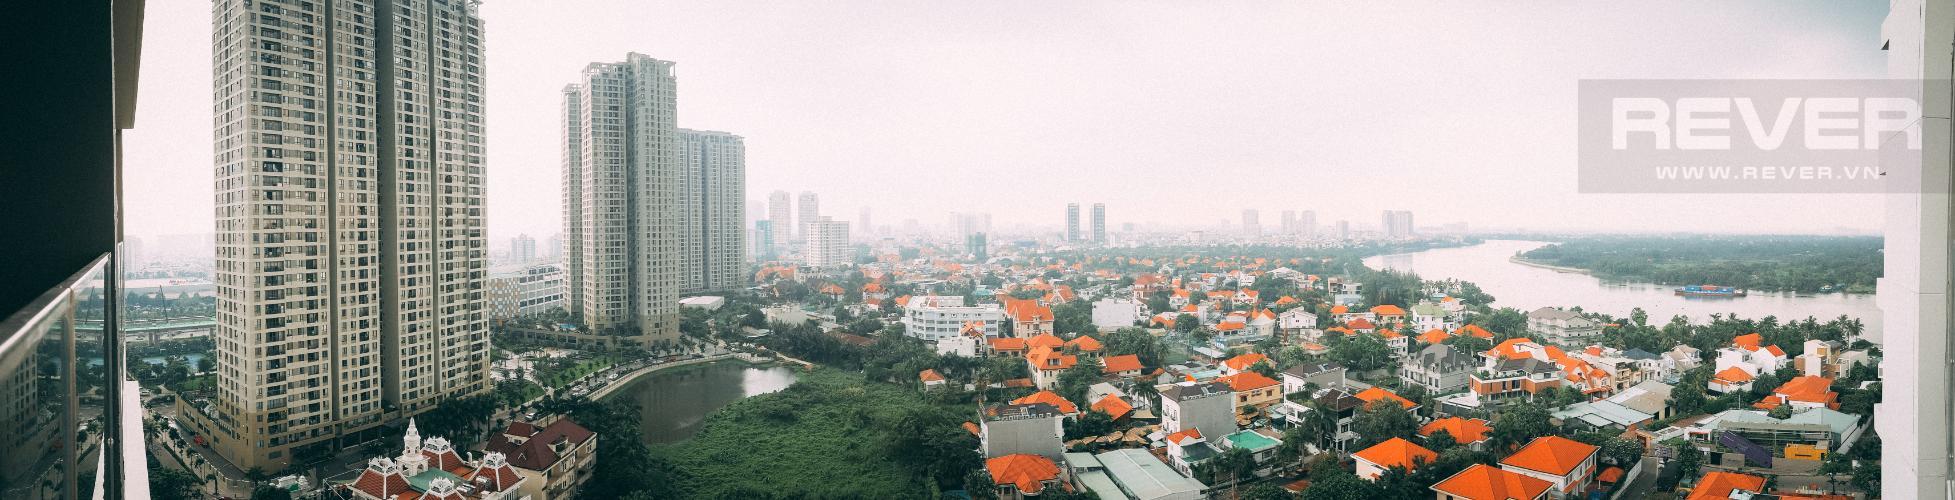 View Bán căn hộ The Nassim Thảo Điền tầng cao, 2PN, view sông